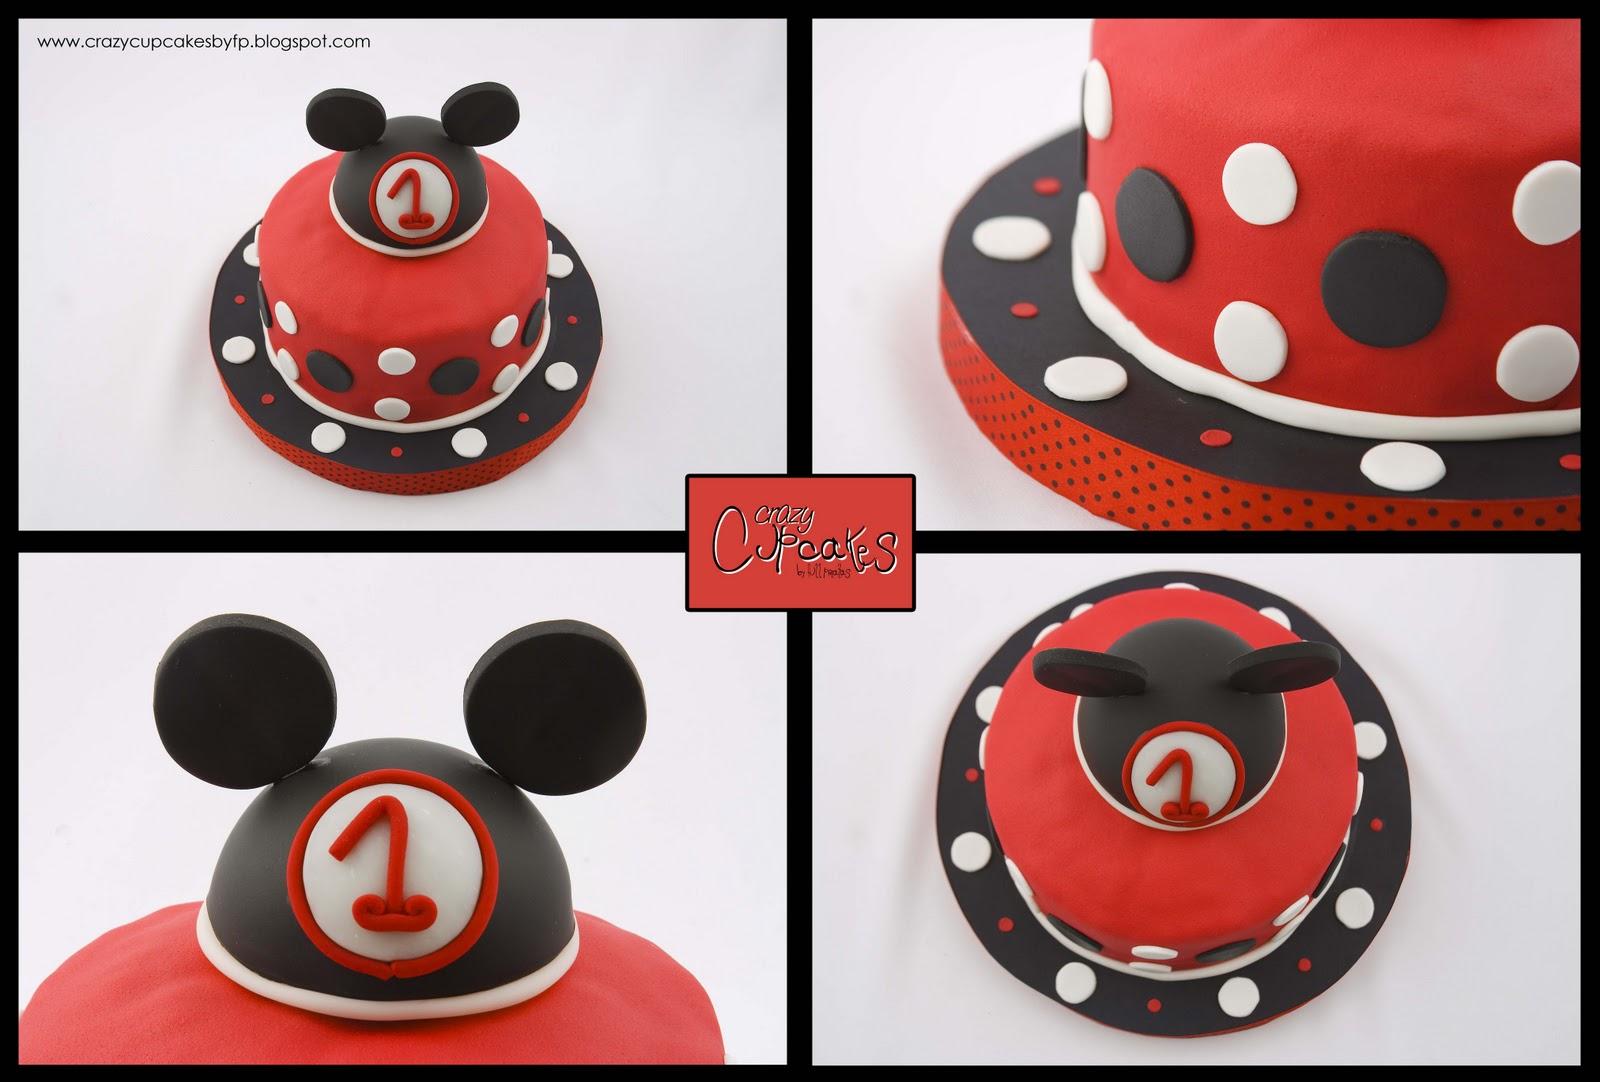 ... su mama maria angeles eligio una torta muy simpatica de mickey mouse